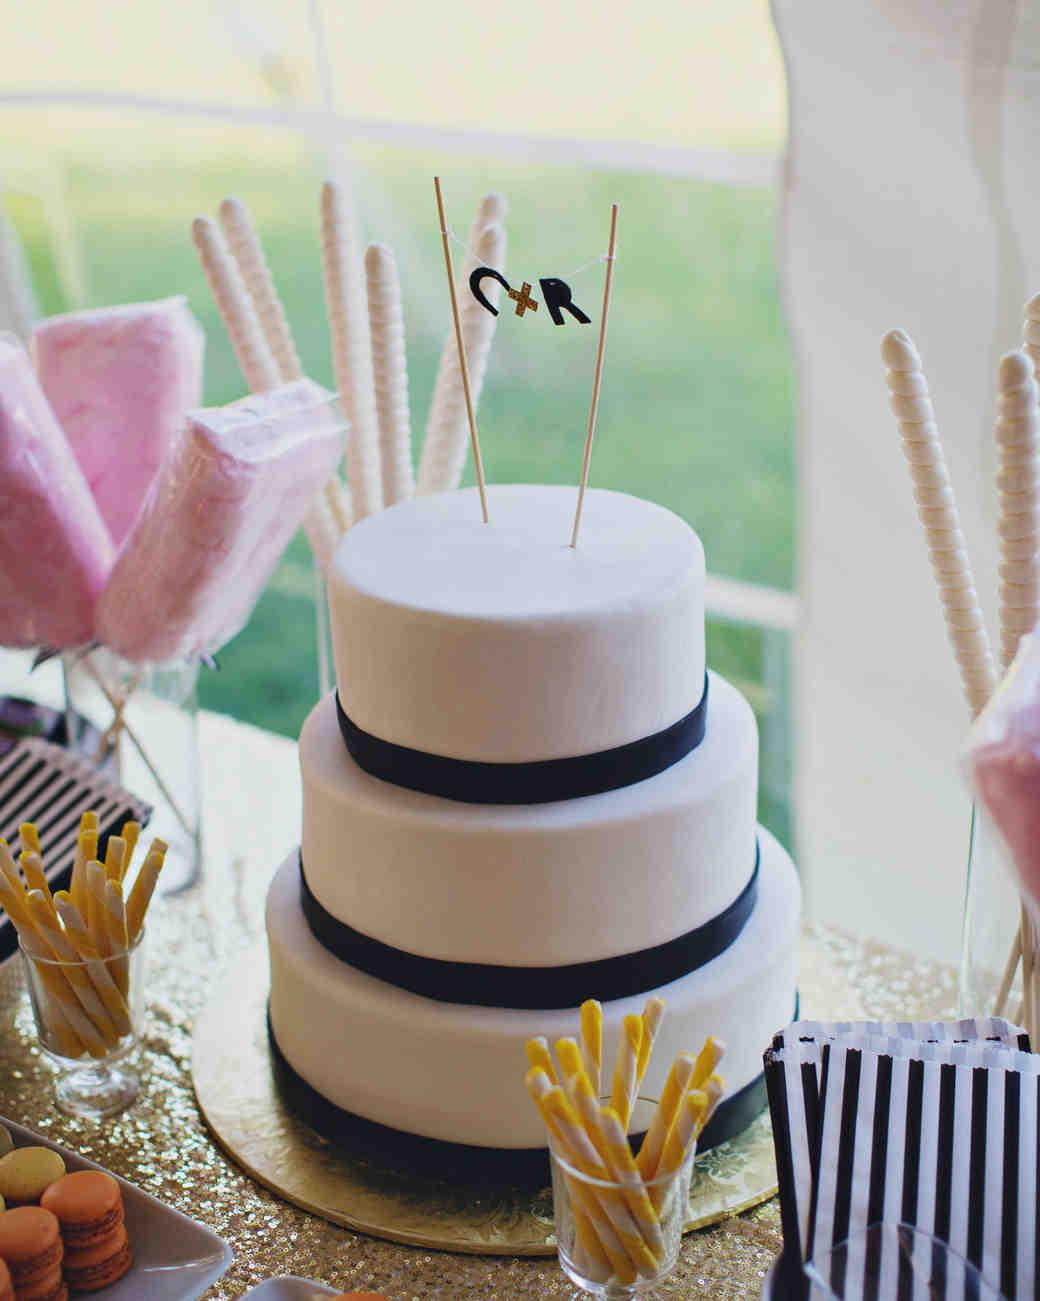 casey-ross-wedding-cake-655-s111514-1114.jpg